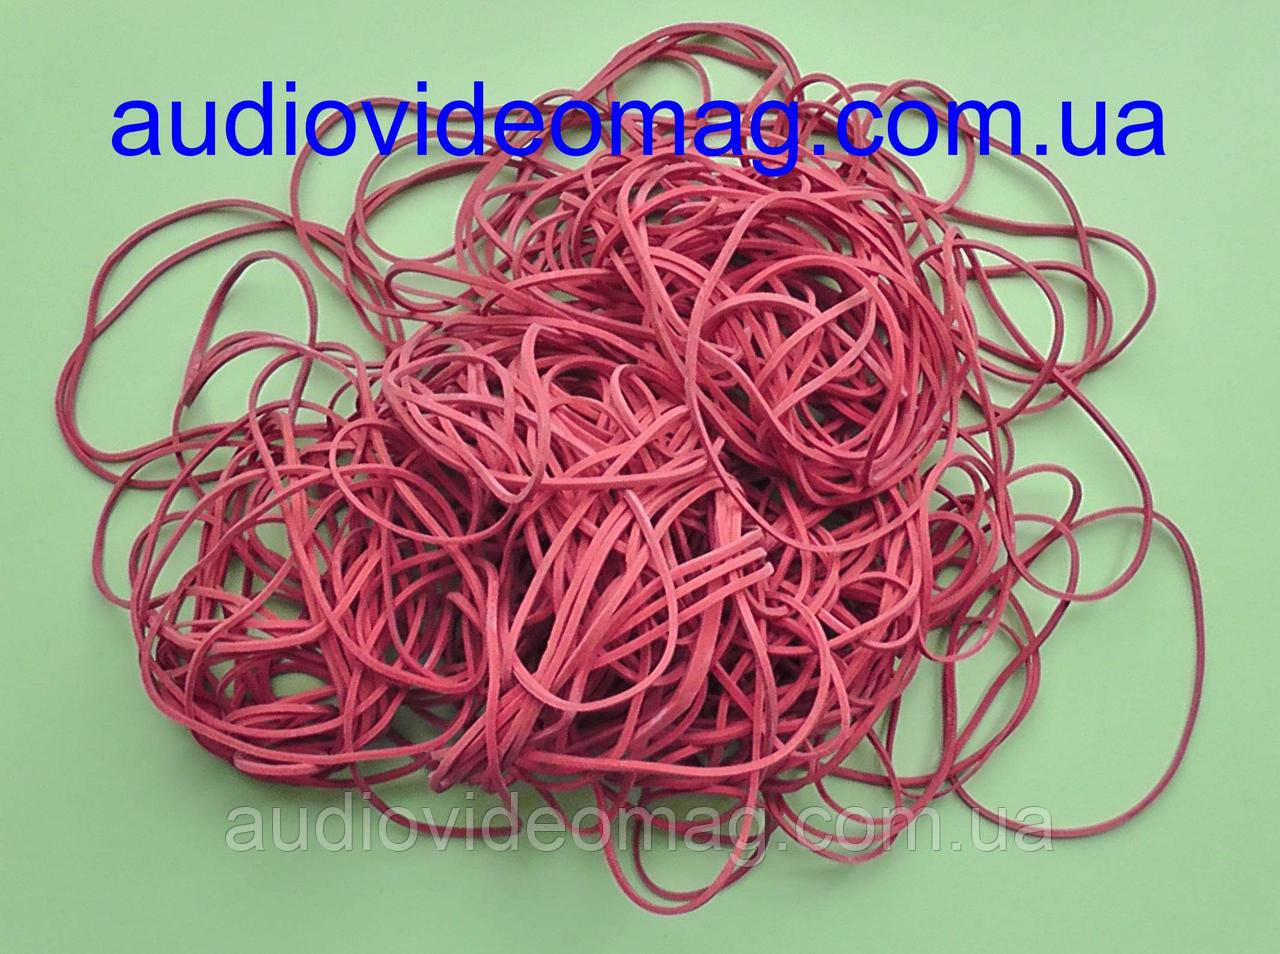 Резинка хозяйственная Ø 50 мм (100 грамм - 190 шт.), цена за упаковку